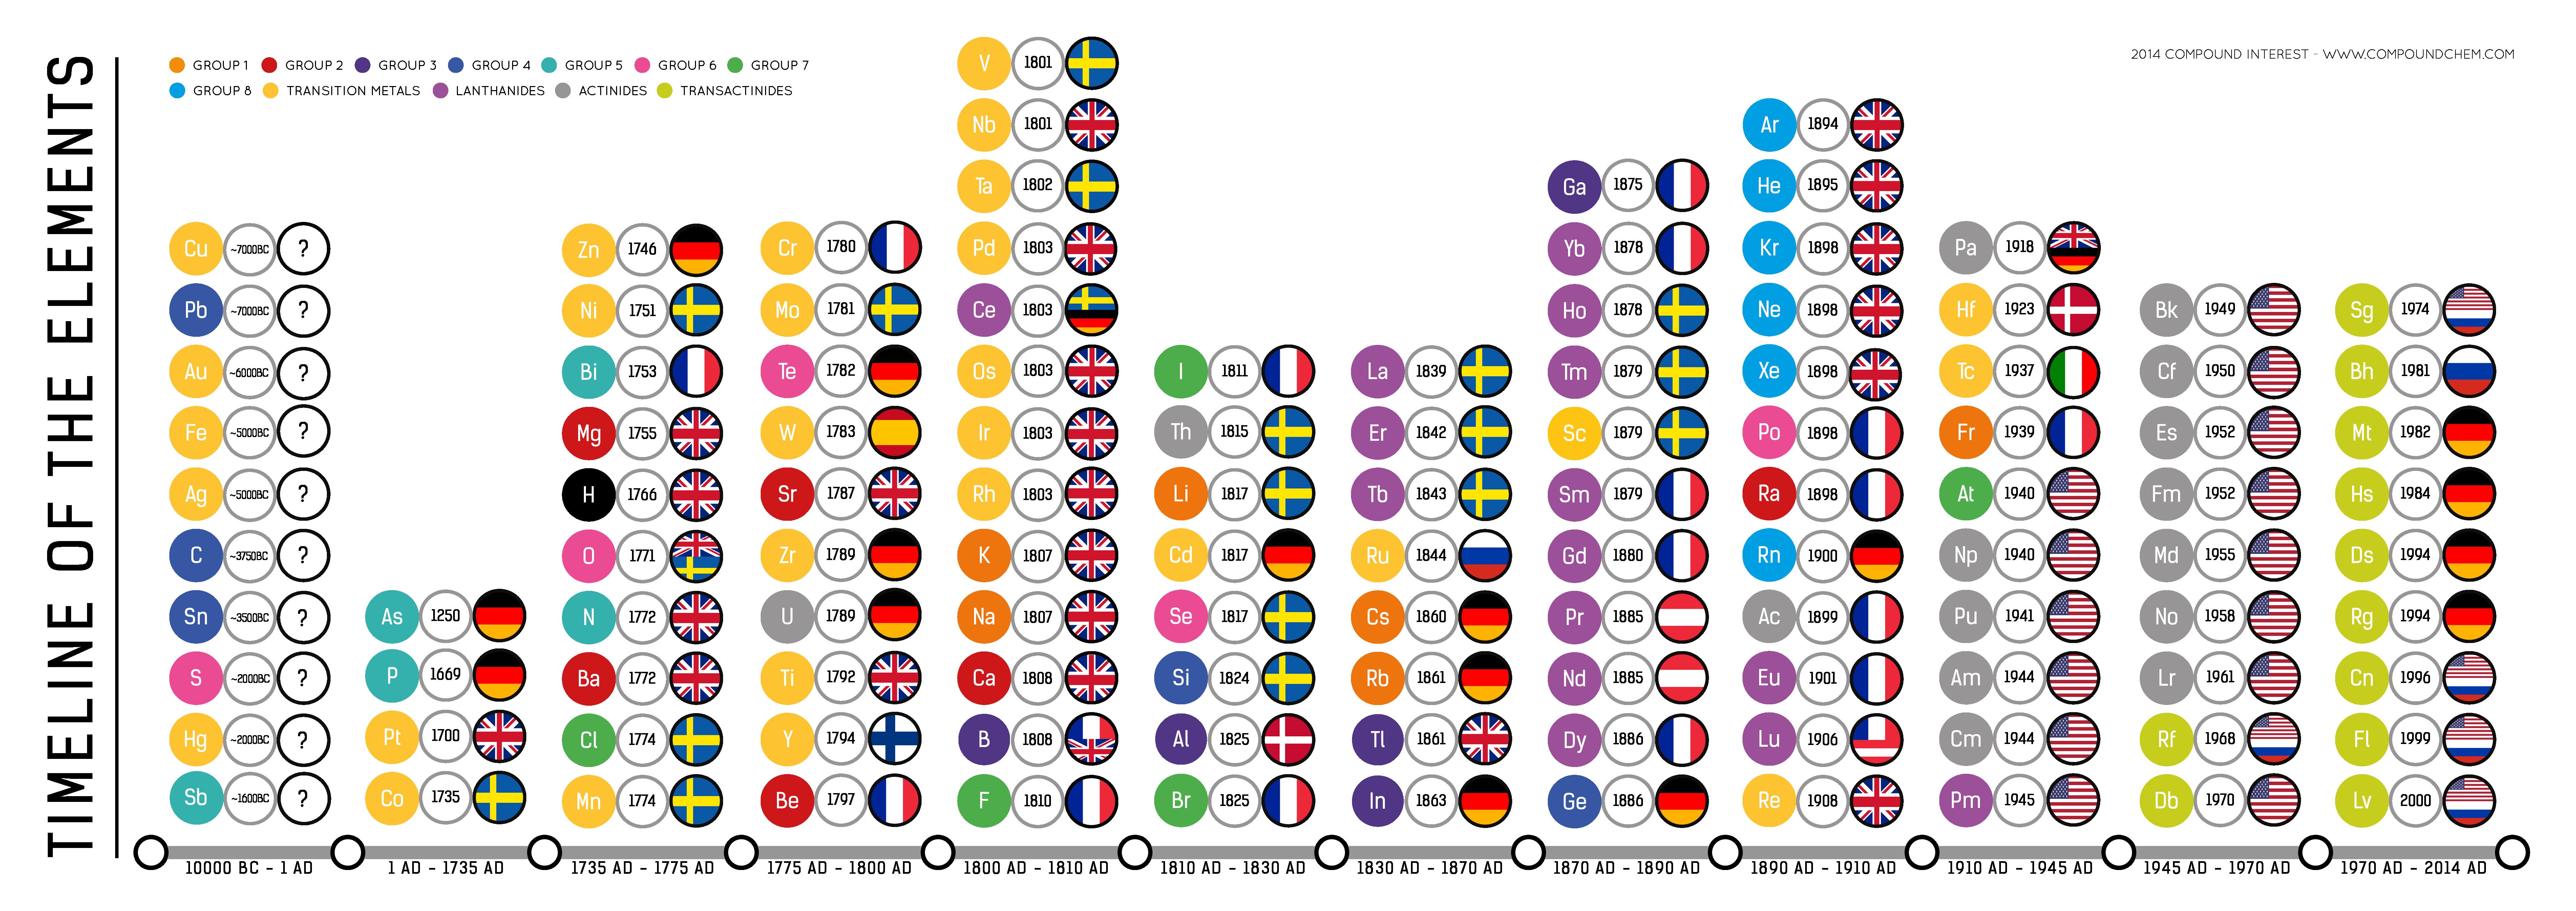 Timeline-of-the-Elements-v1